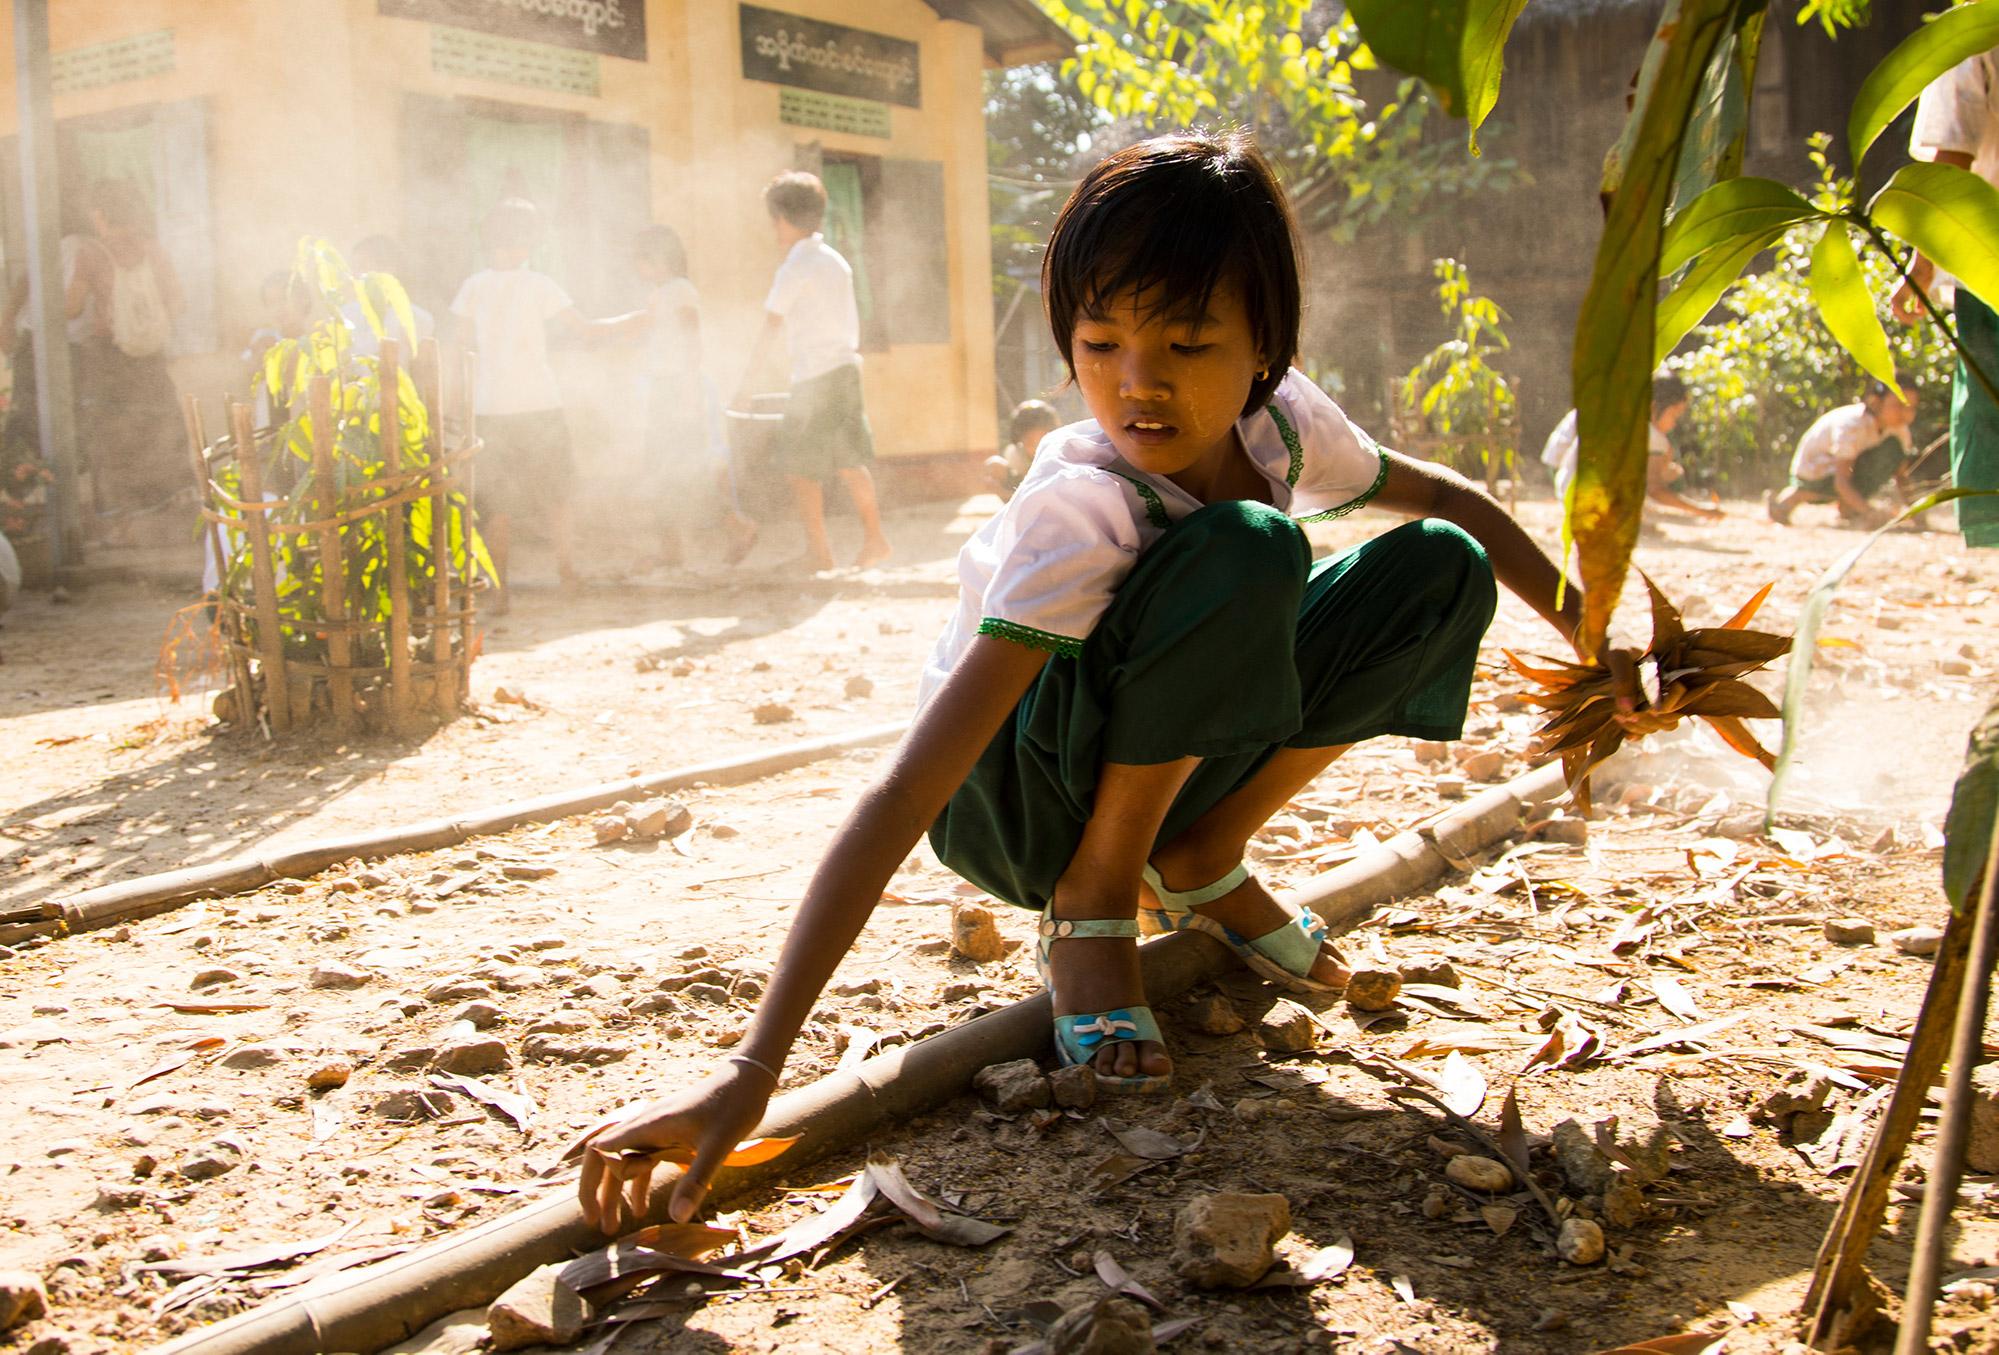 projekte_-_suedostasien_-_myanmar_-_maedchen_clean_and_green